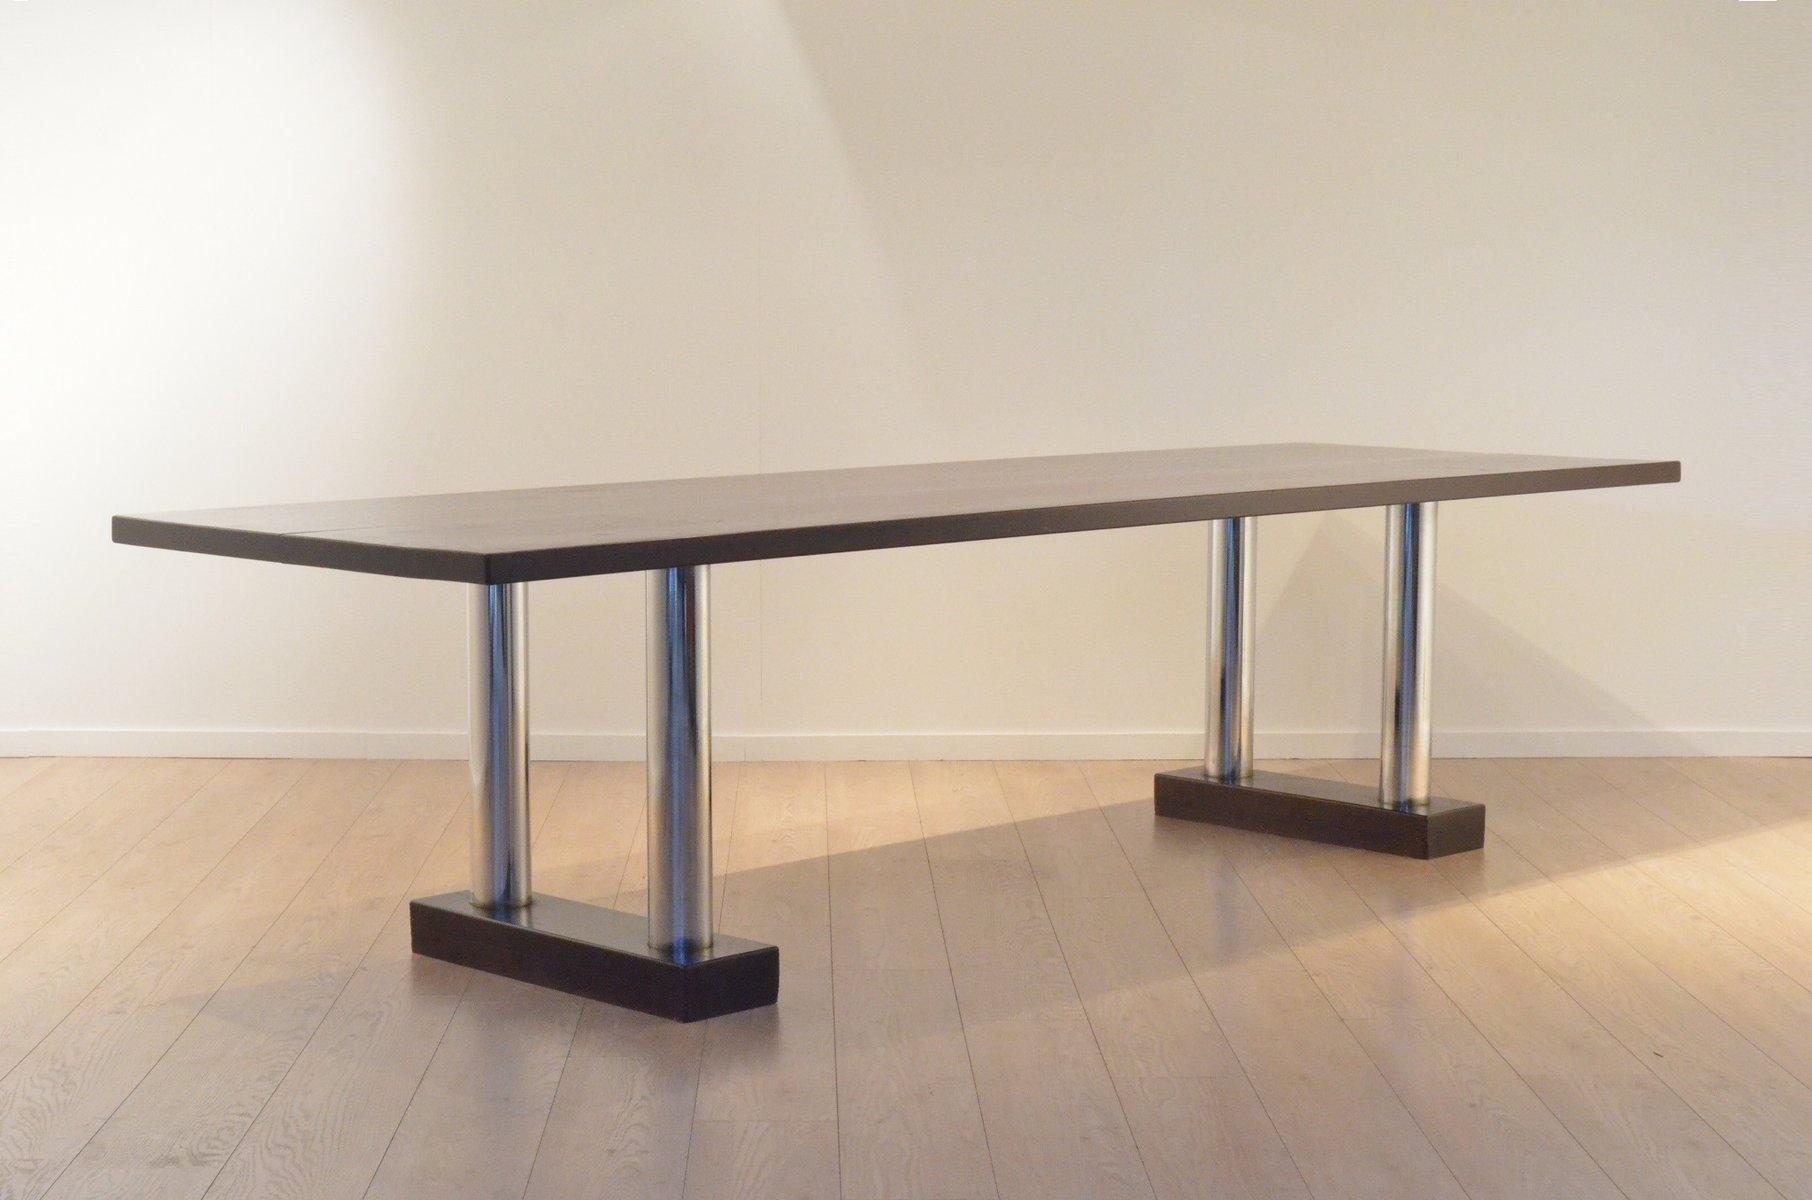 grande table de salle manger en chrome et weng. Black Bedroom Furniture Sets. Home Design Ideas